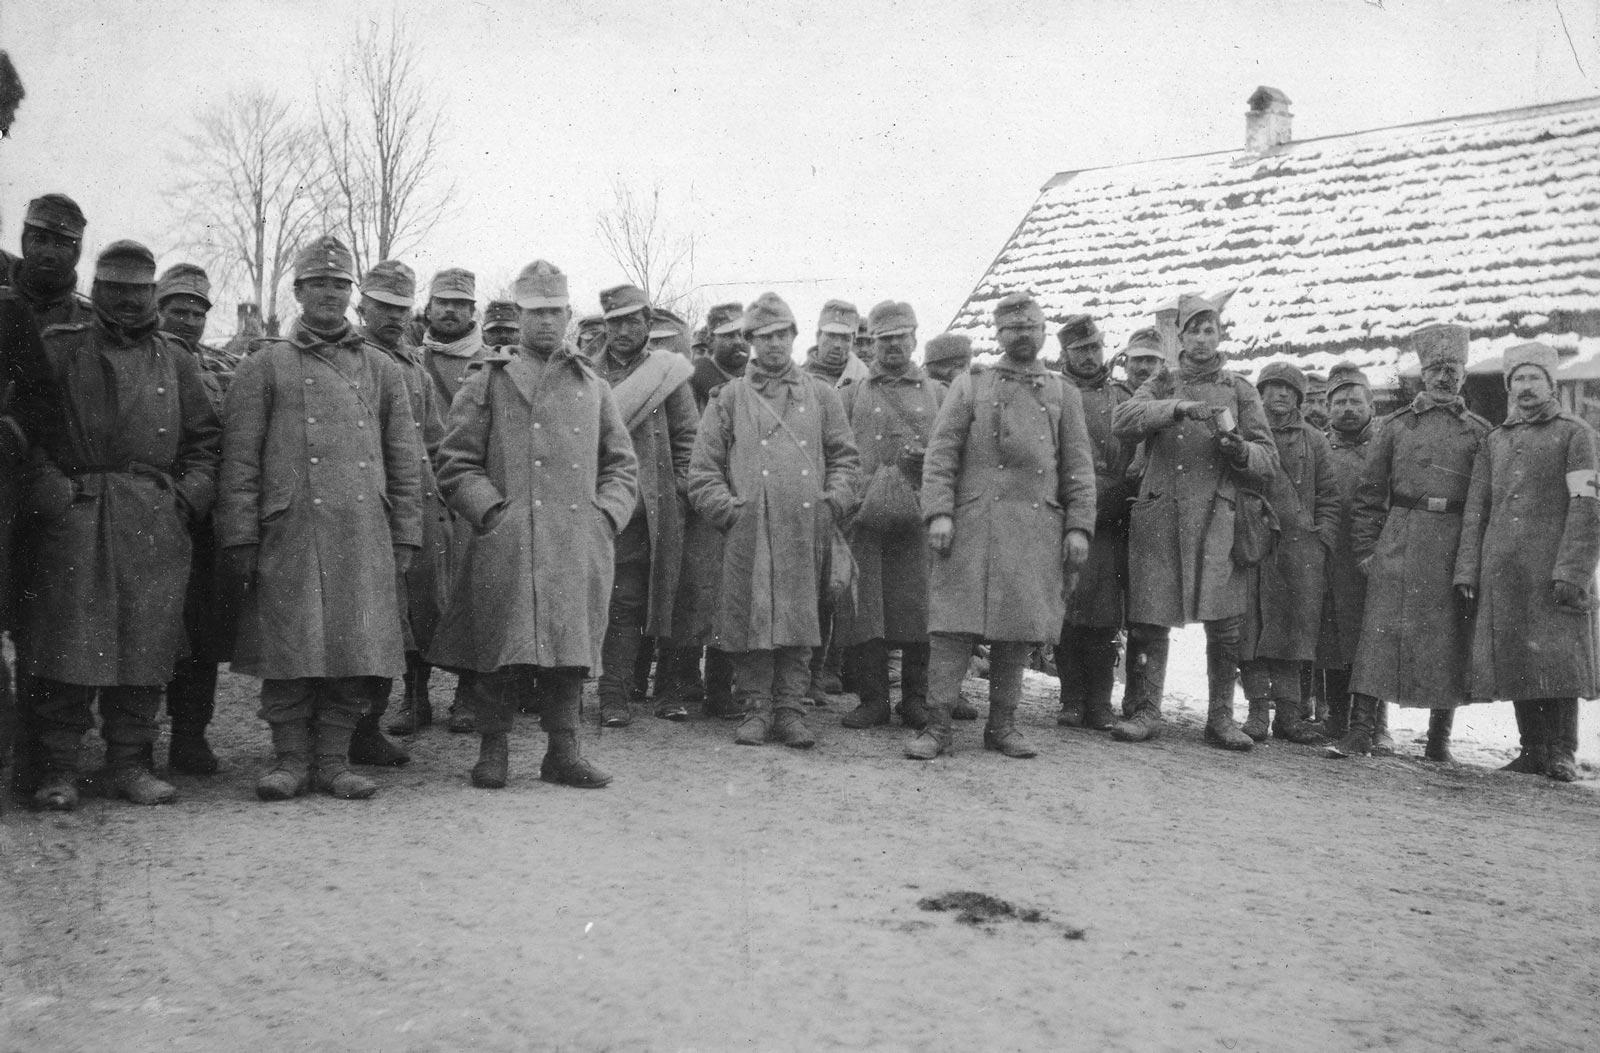 R-U vojáci v ruském zajetí v Haliči nebo na Slovensku